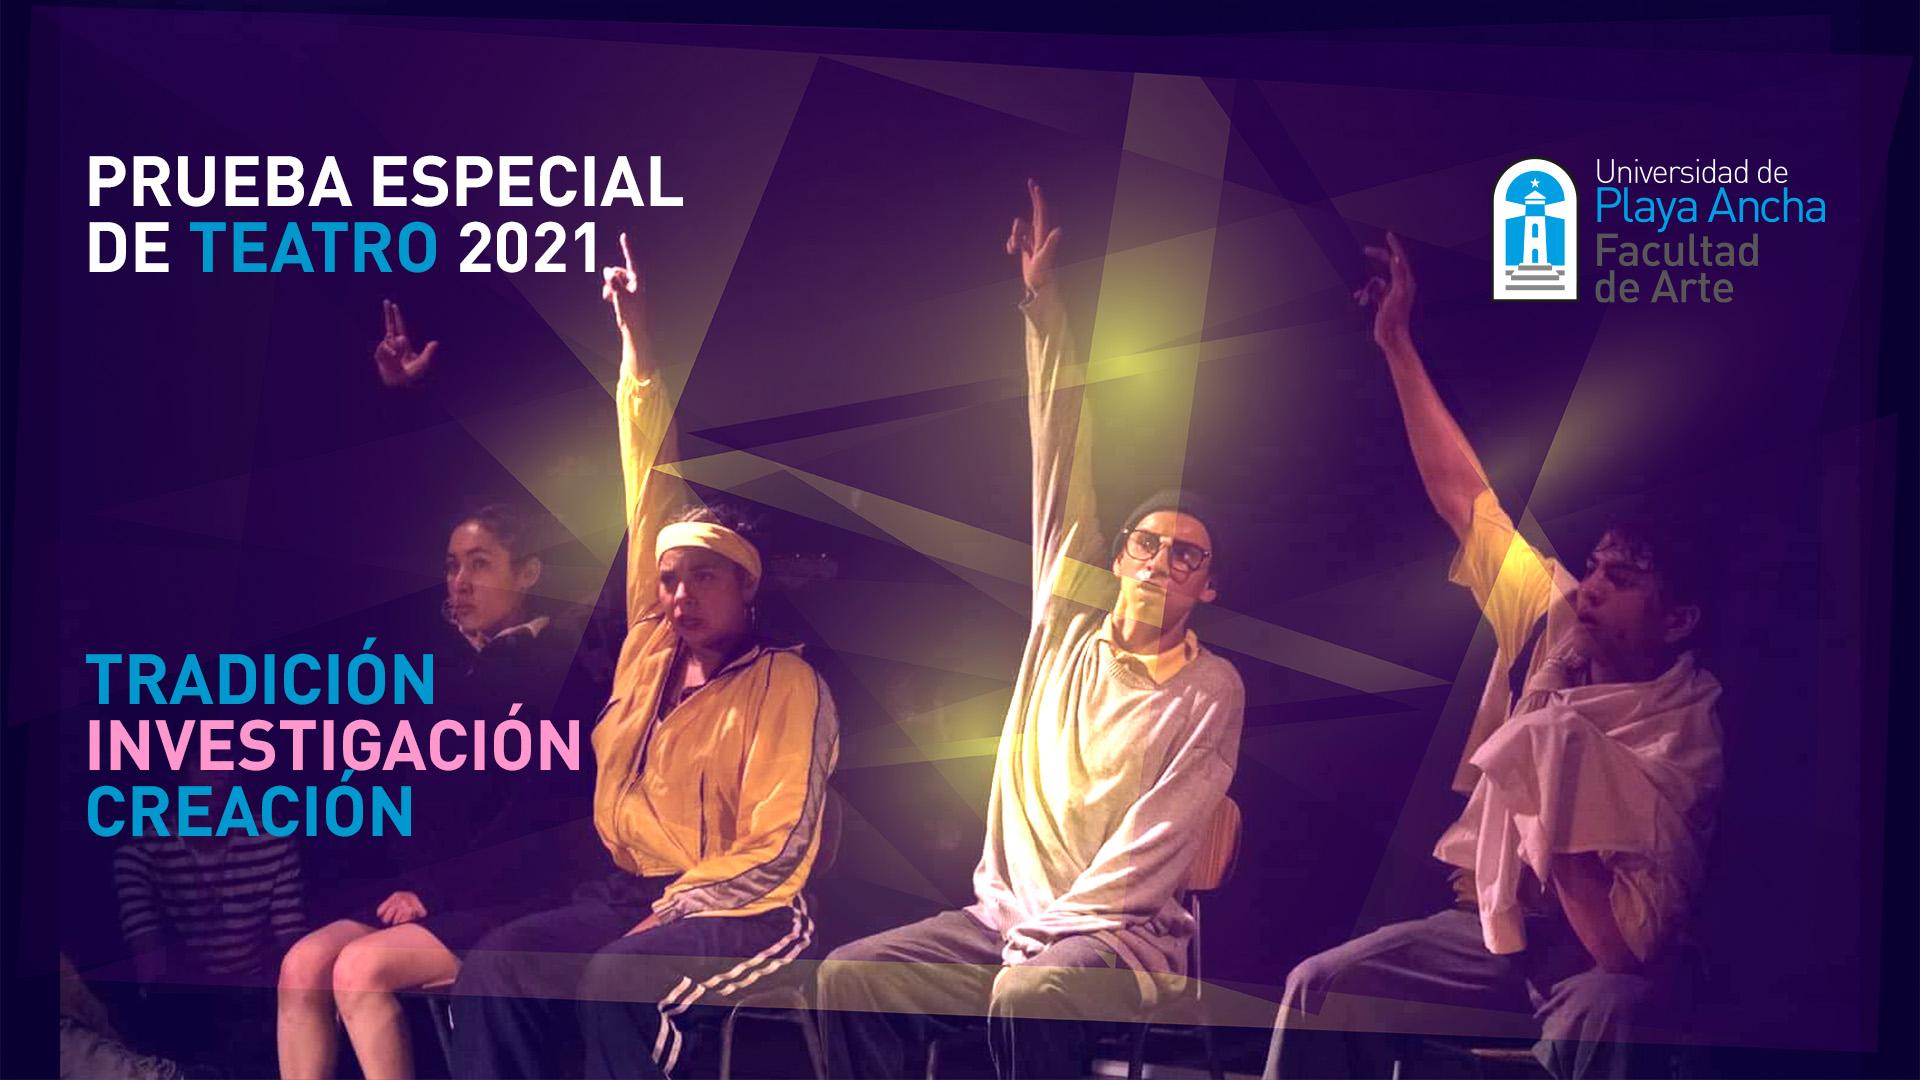 Prueba Especial de Teatro 2021